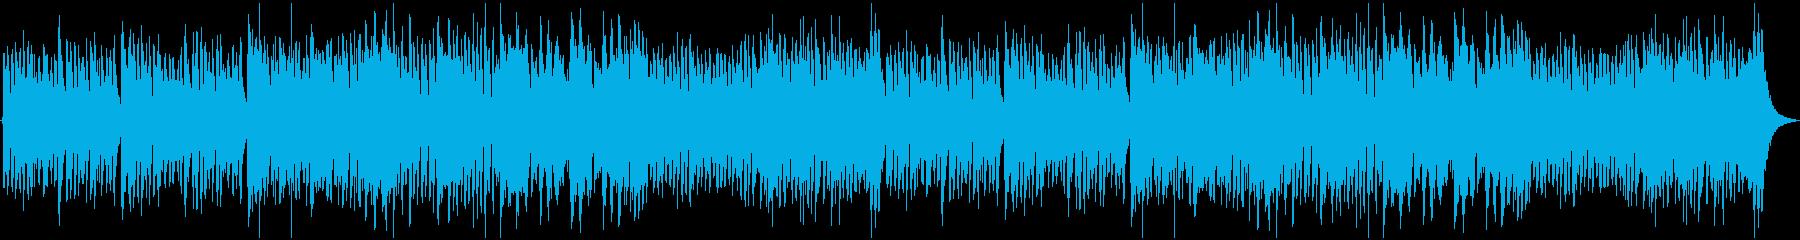 ダーク&コミカルなカーニバルの再生済みの波形